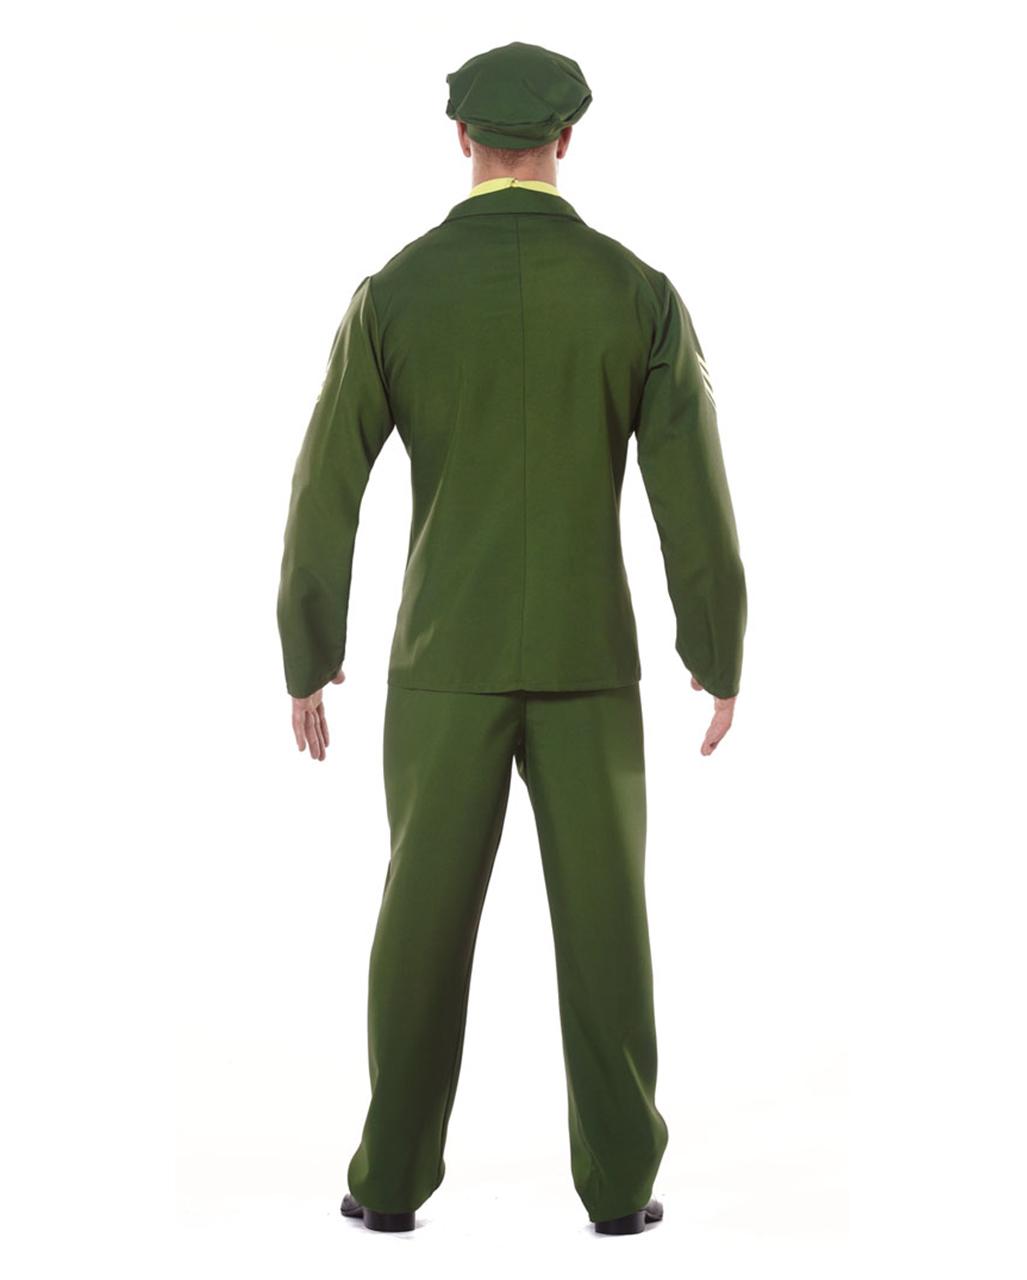 soldaten uniform kost m milit r kost m karneval universe. Black Bedroom Furniture Sets. Home Design Ideas